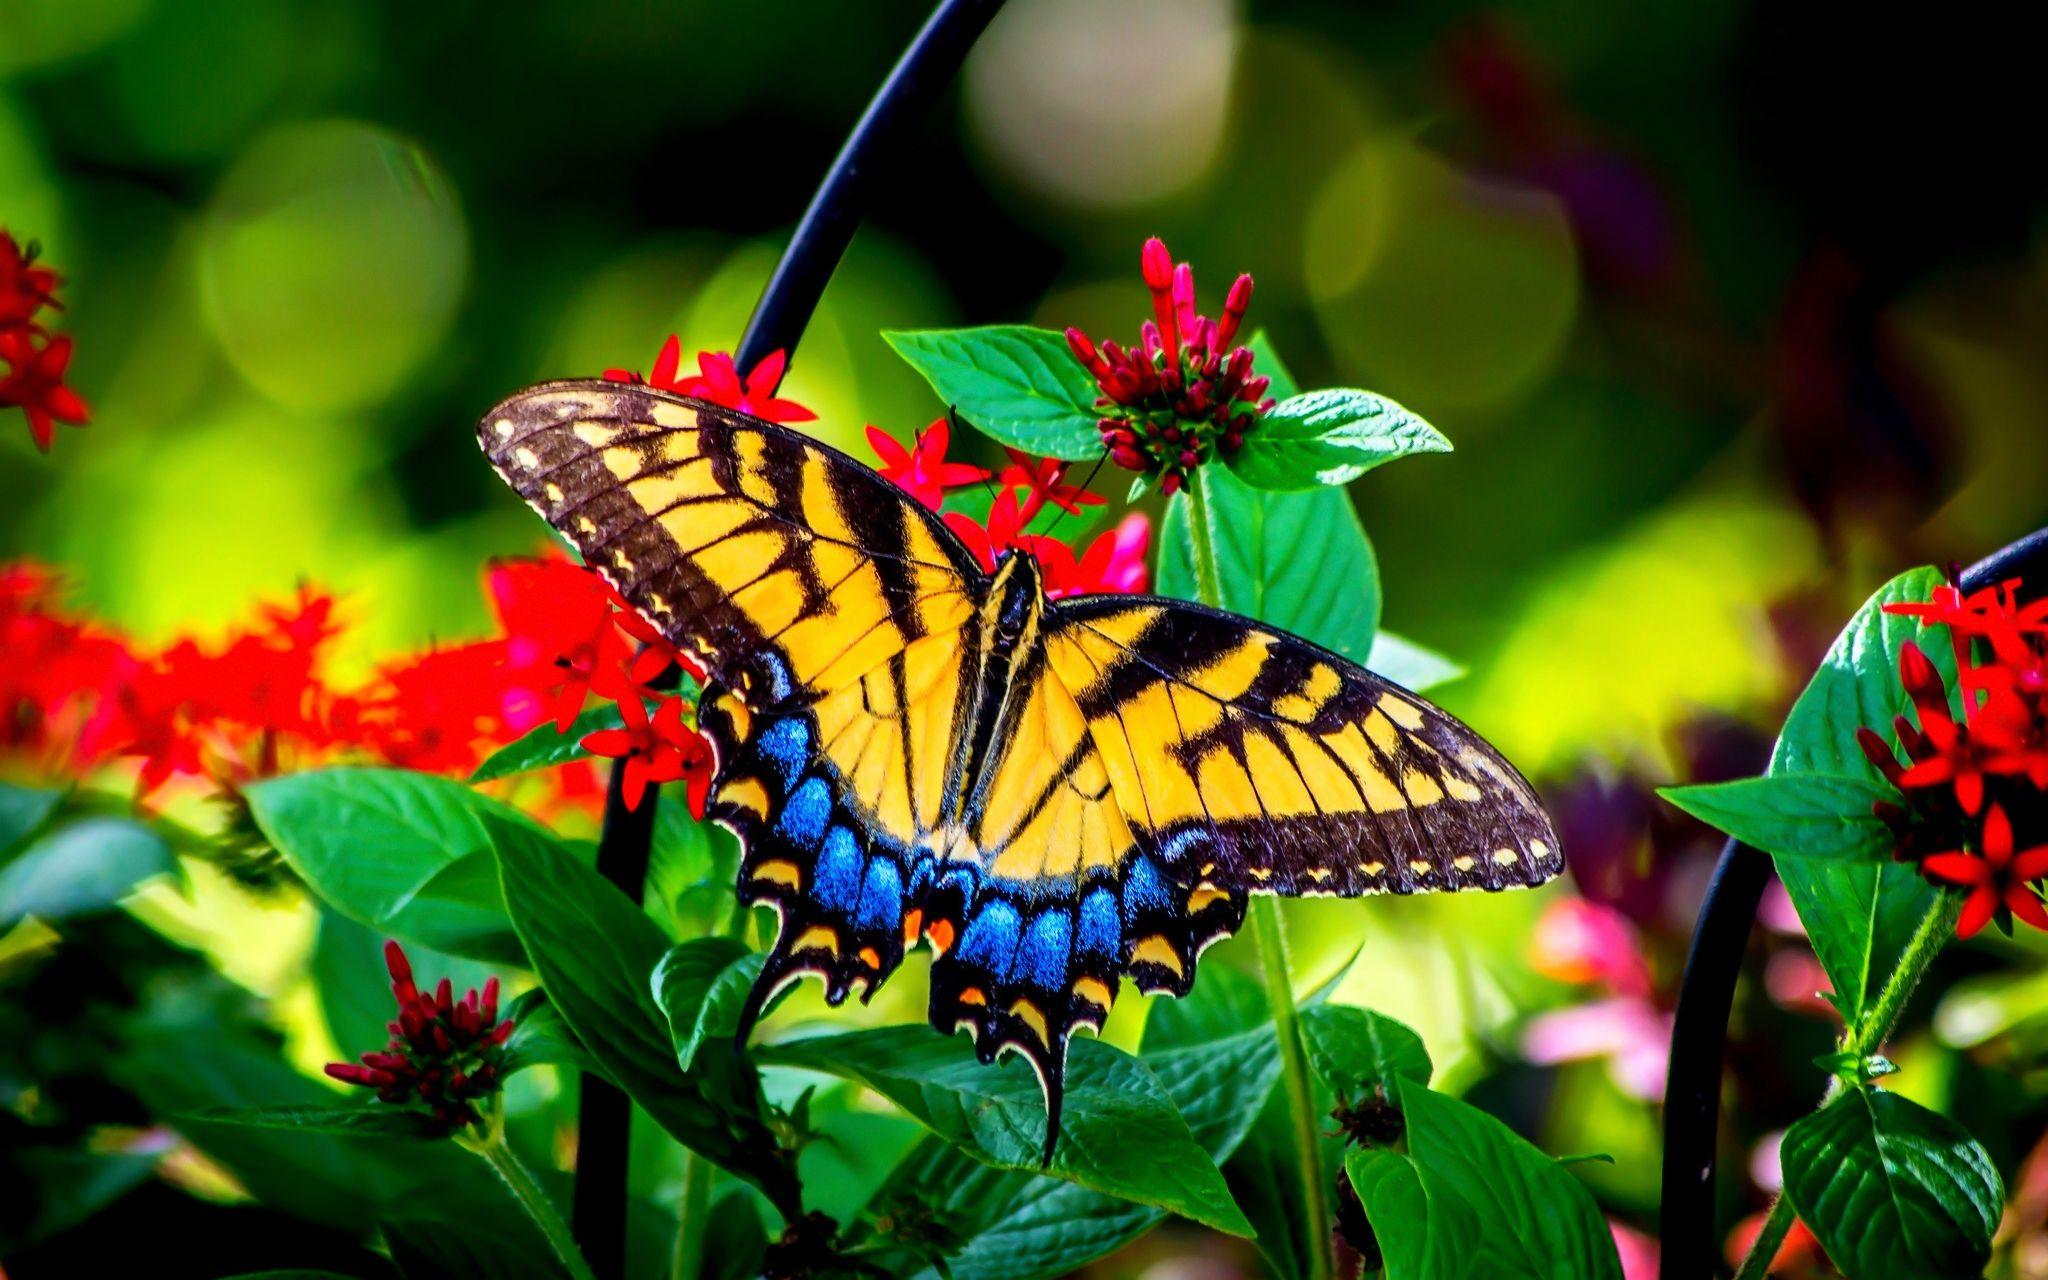 Butterflies Butterfly Garden Flowers Colors Summer Nature Greenery Beautiful Beauty Green Leaves Phone Wallpap Flower Beauty Butterfly Garden Flower Wallpaper